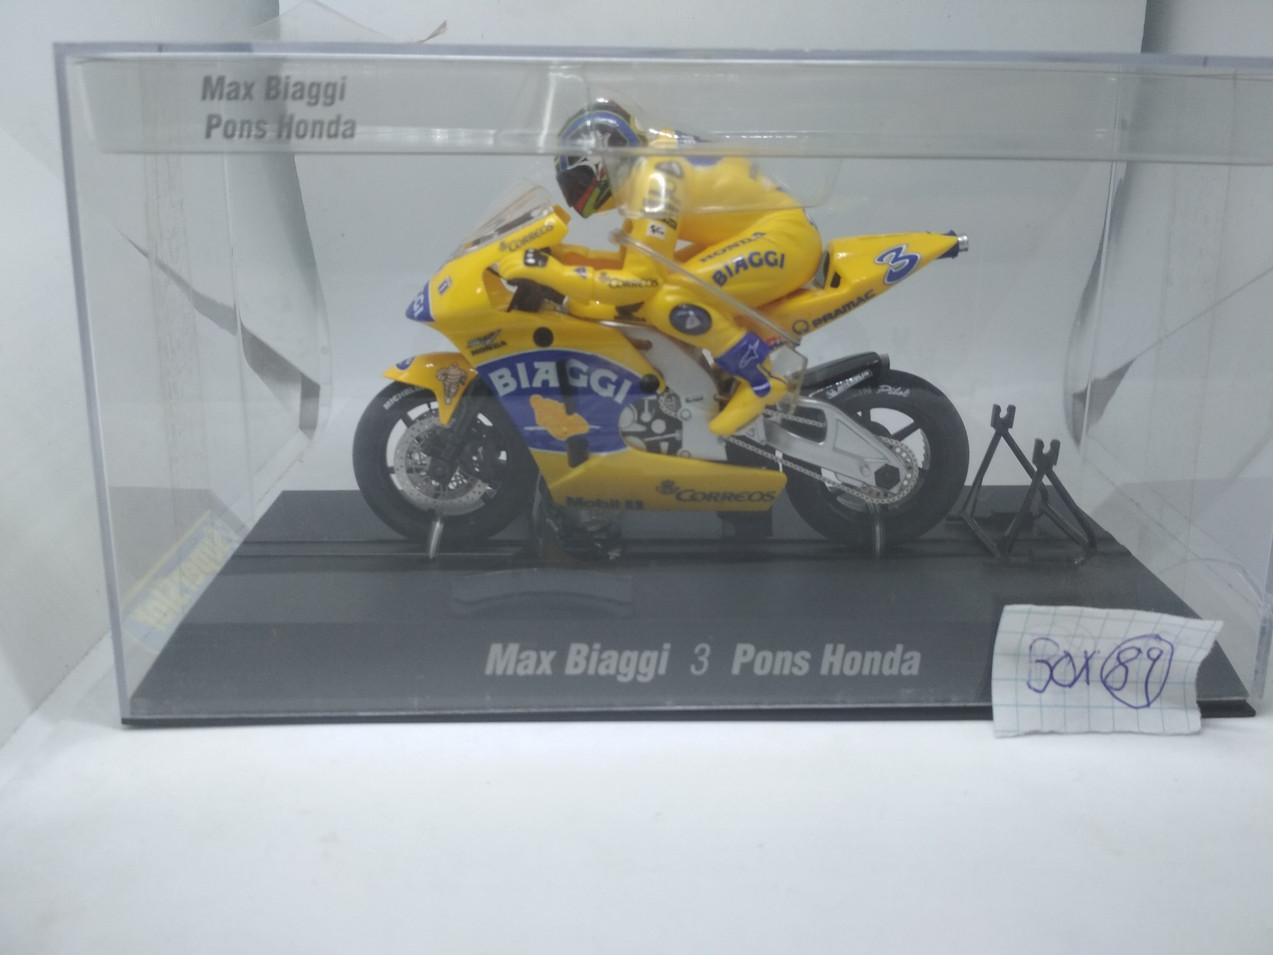 MAX BIAGGI 3 PONS HONDA